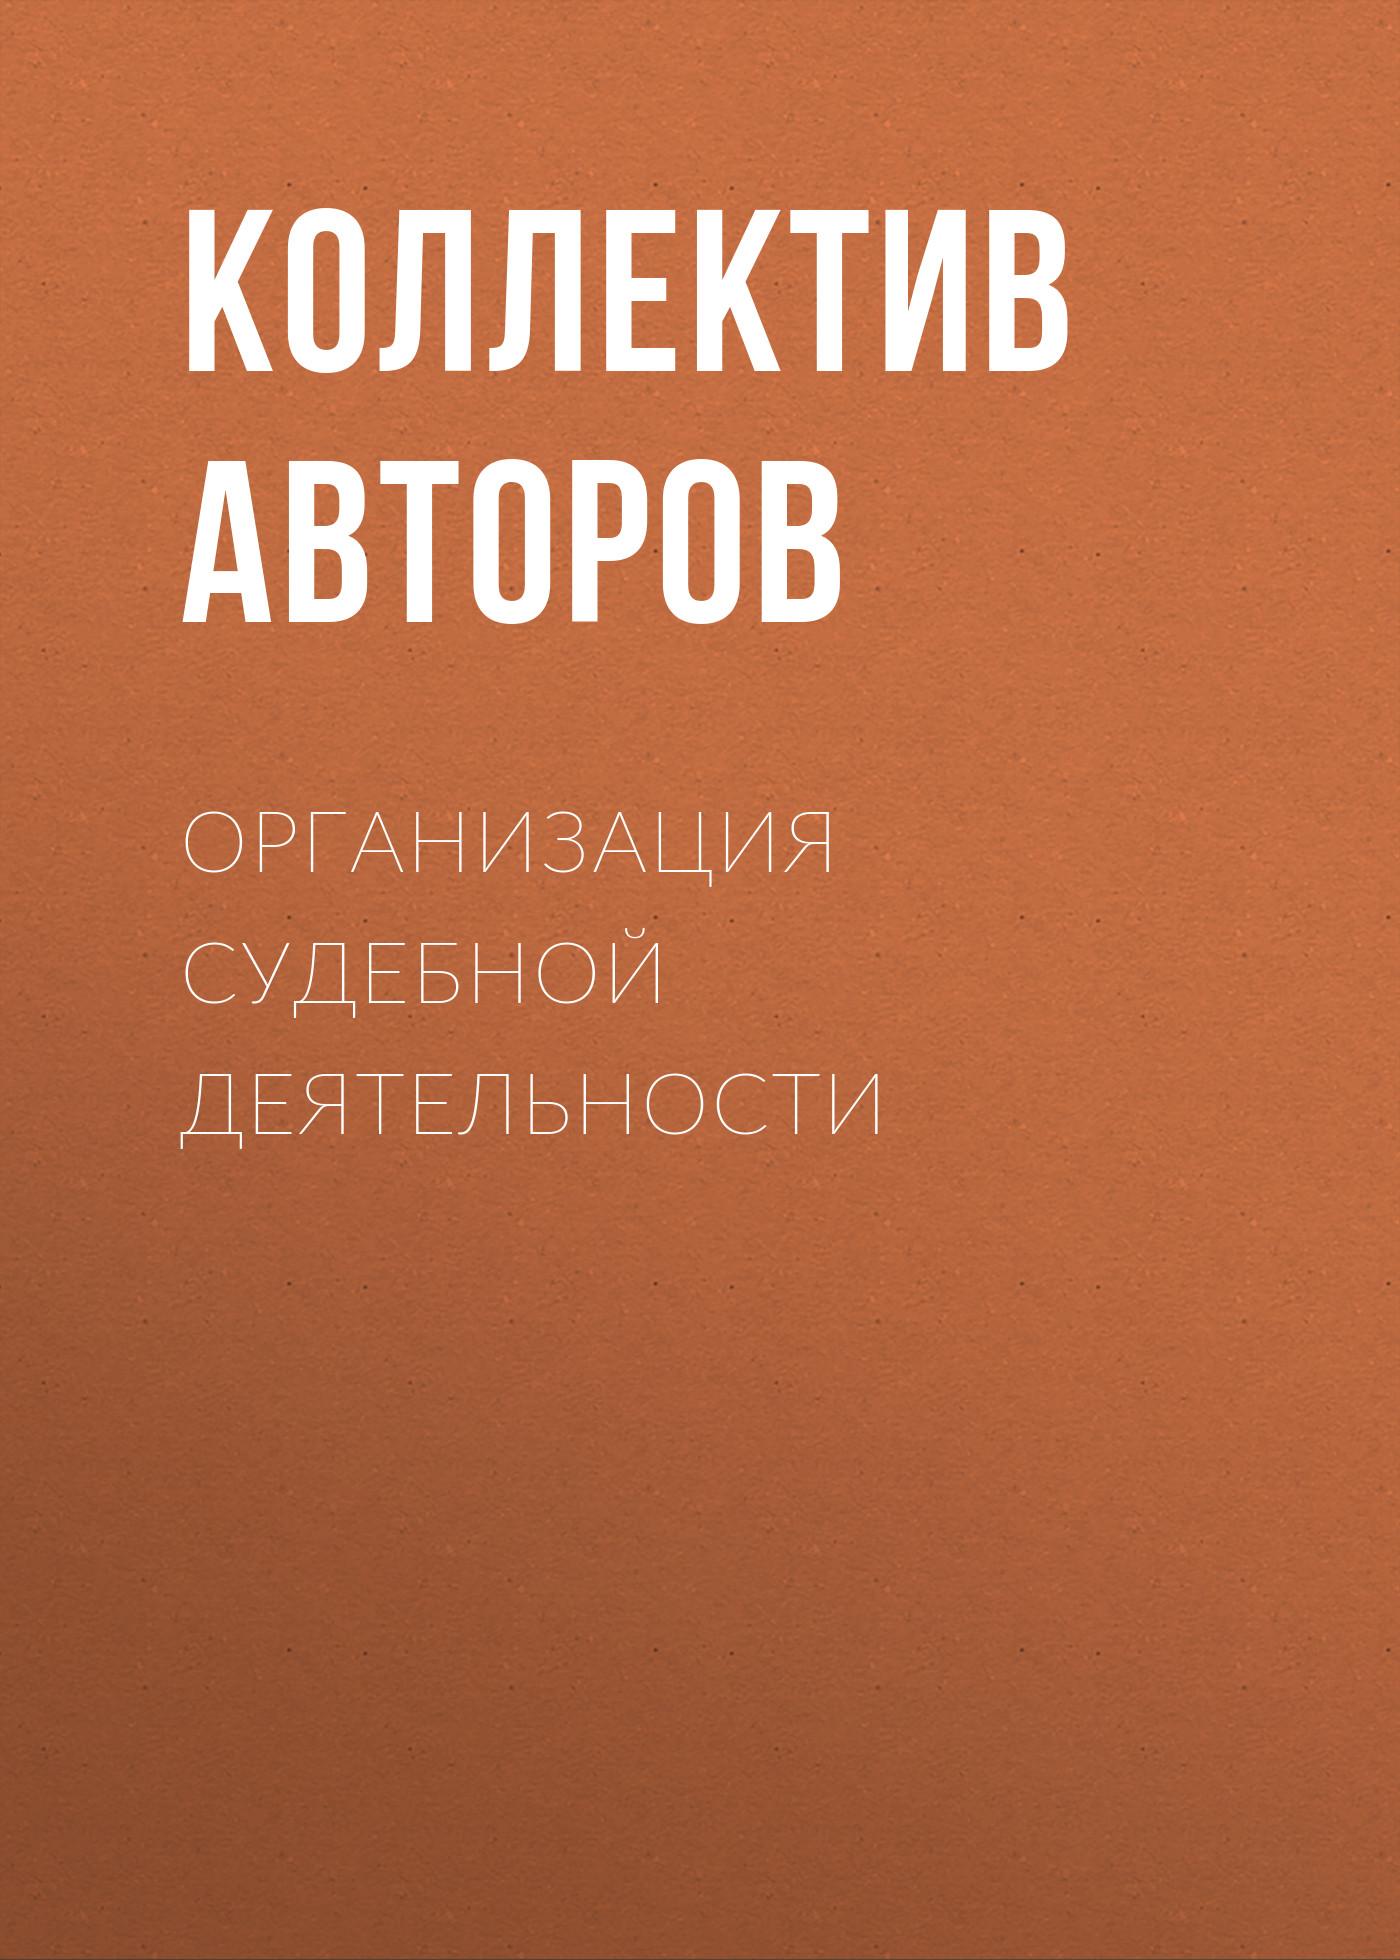 Коллектив авторов Организация судебной деятельности